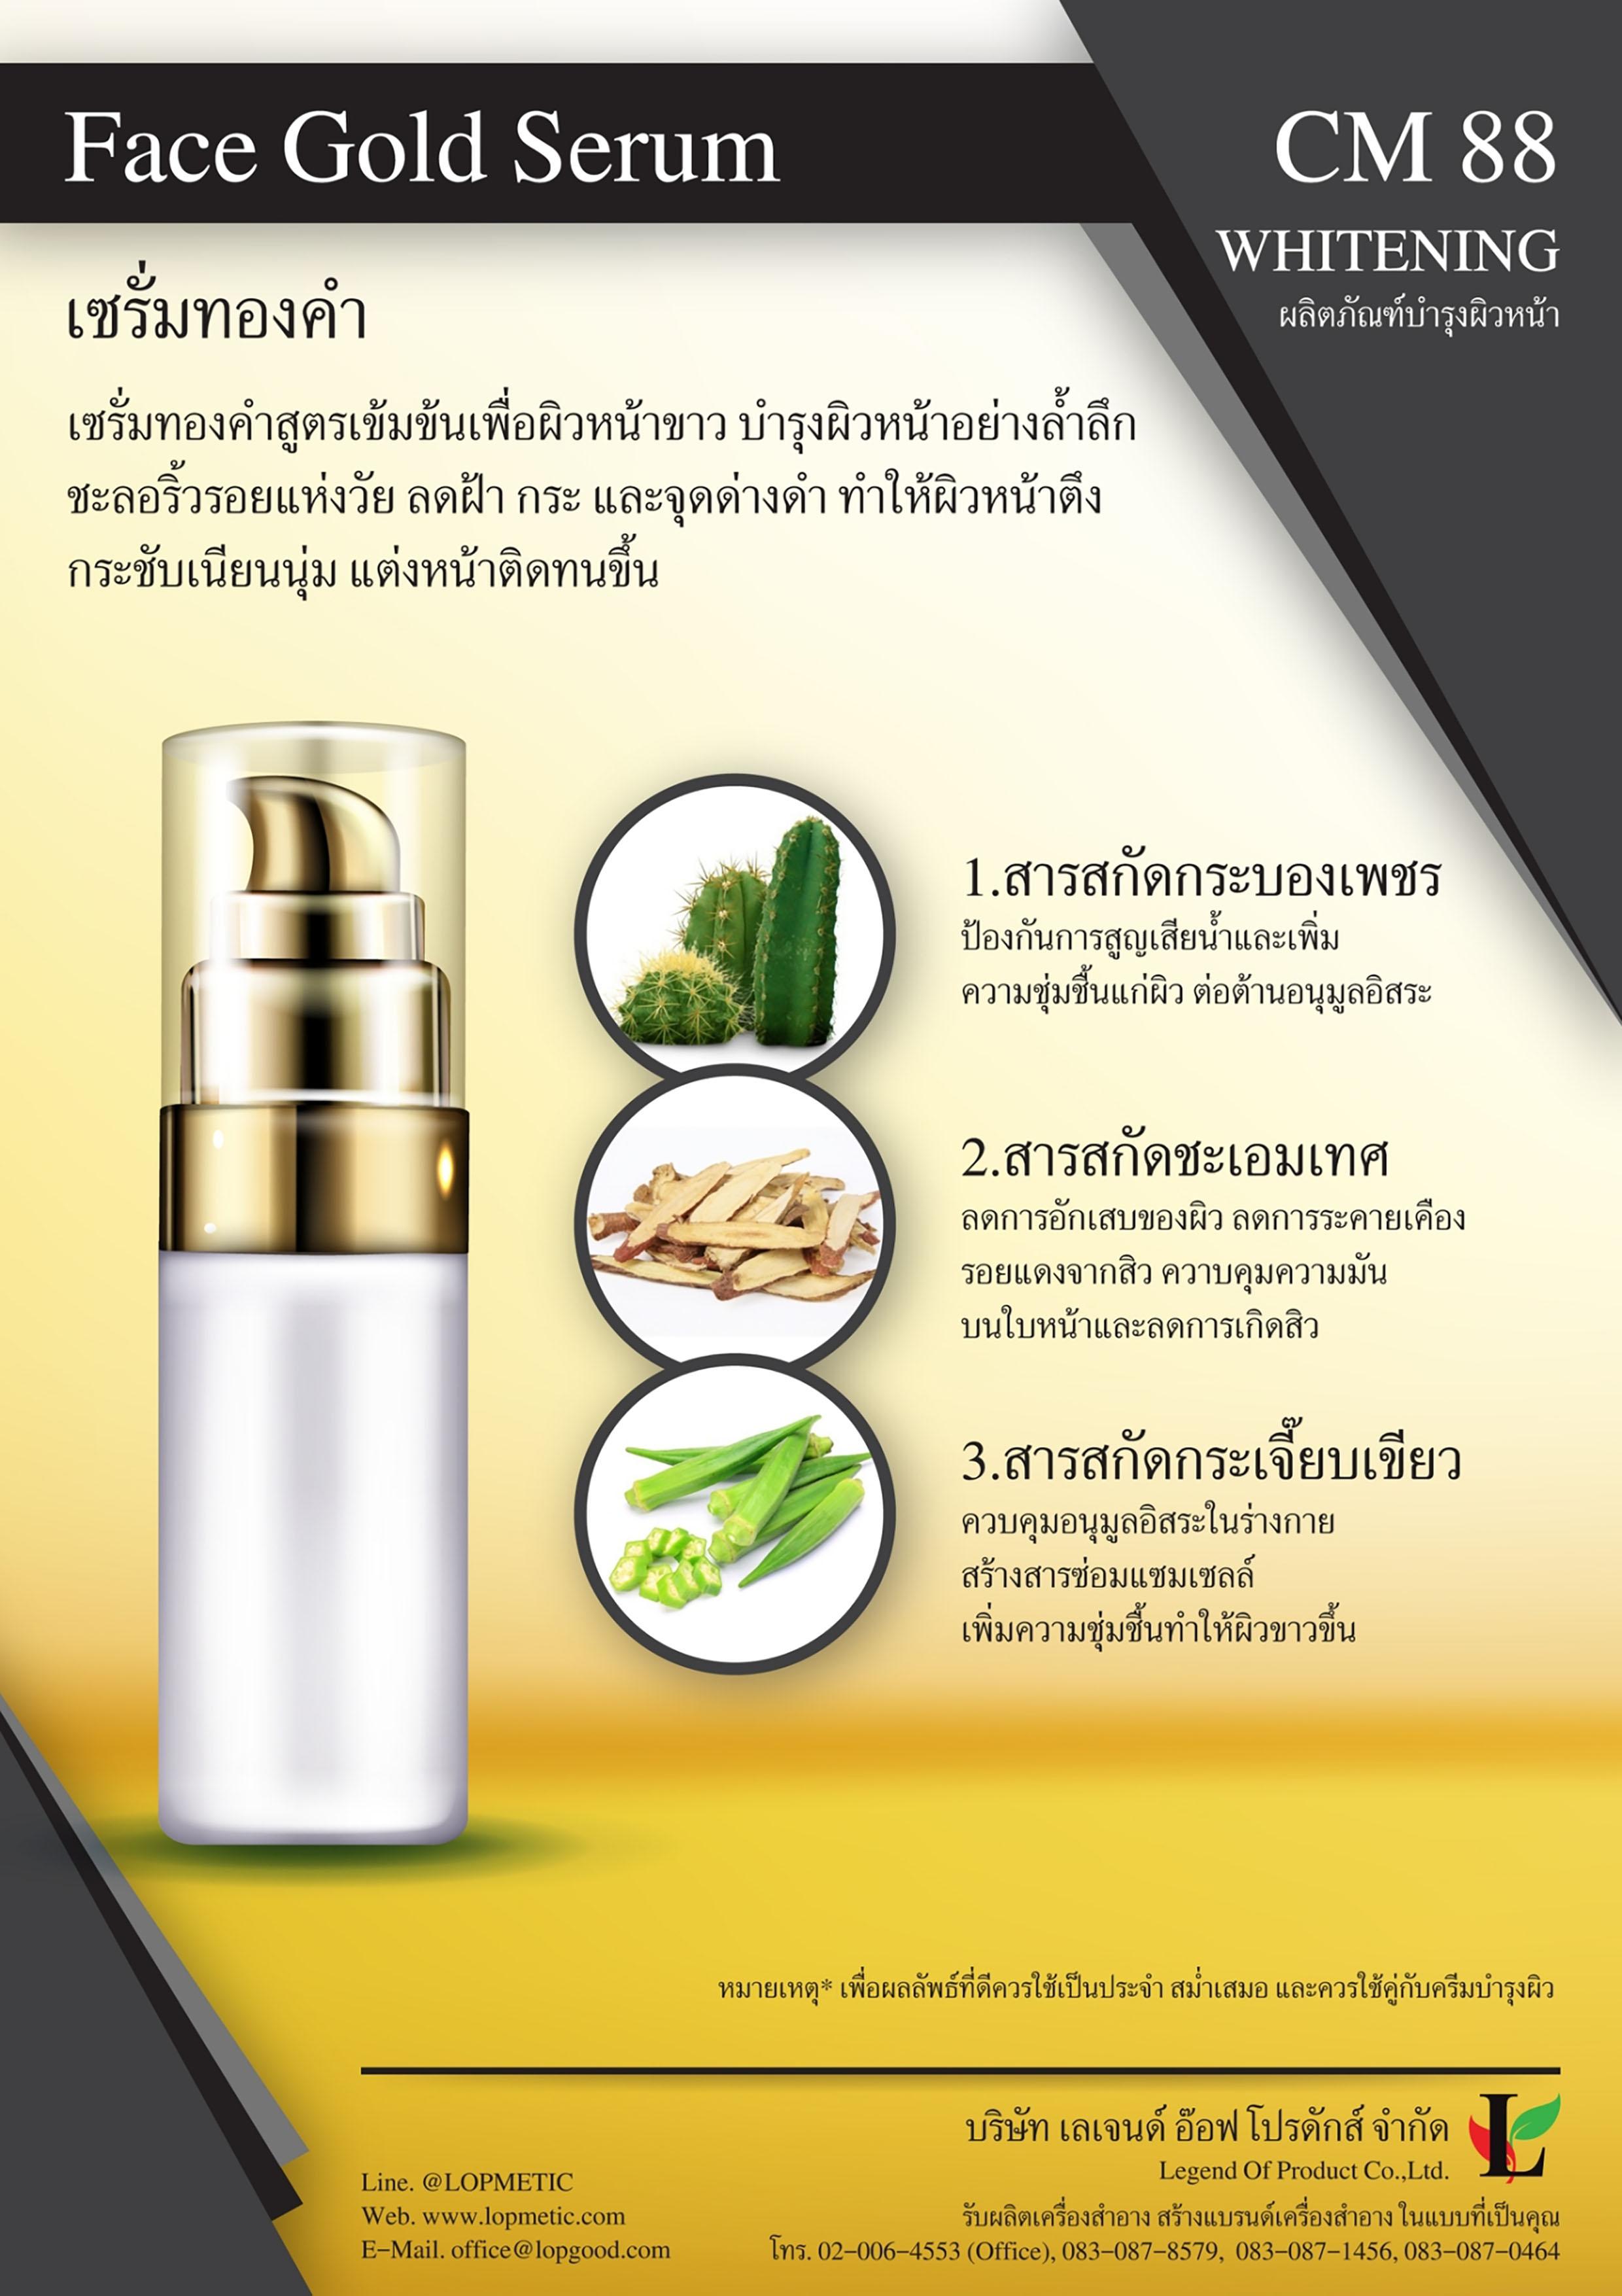 รับผลิตรับผลิตเซรั่มทองคำ Face Gold serum ,เซรั่มบำรุงผิวหน้า,เซรั่มบำรุงผิวแพ้ง่าย